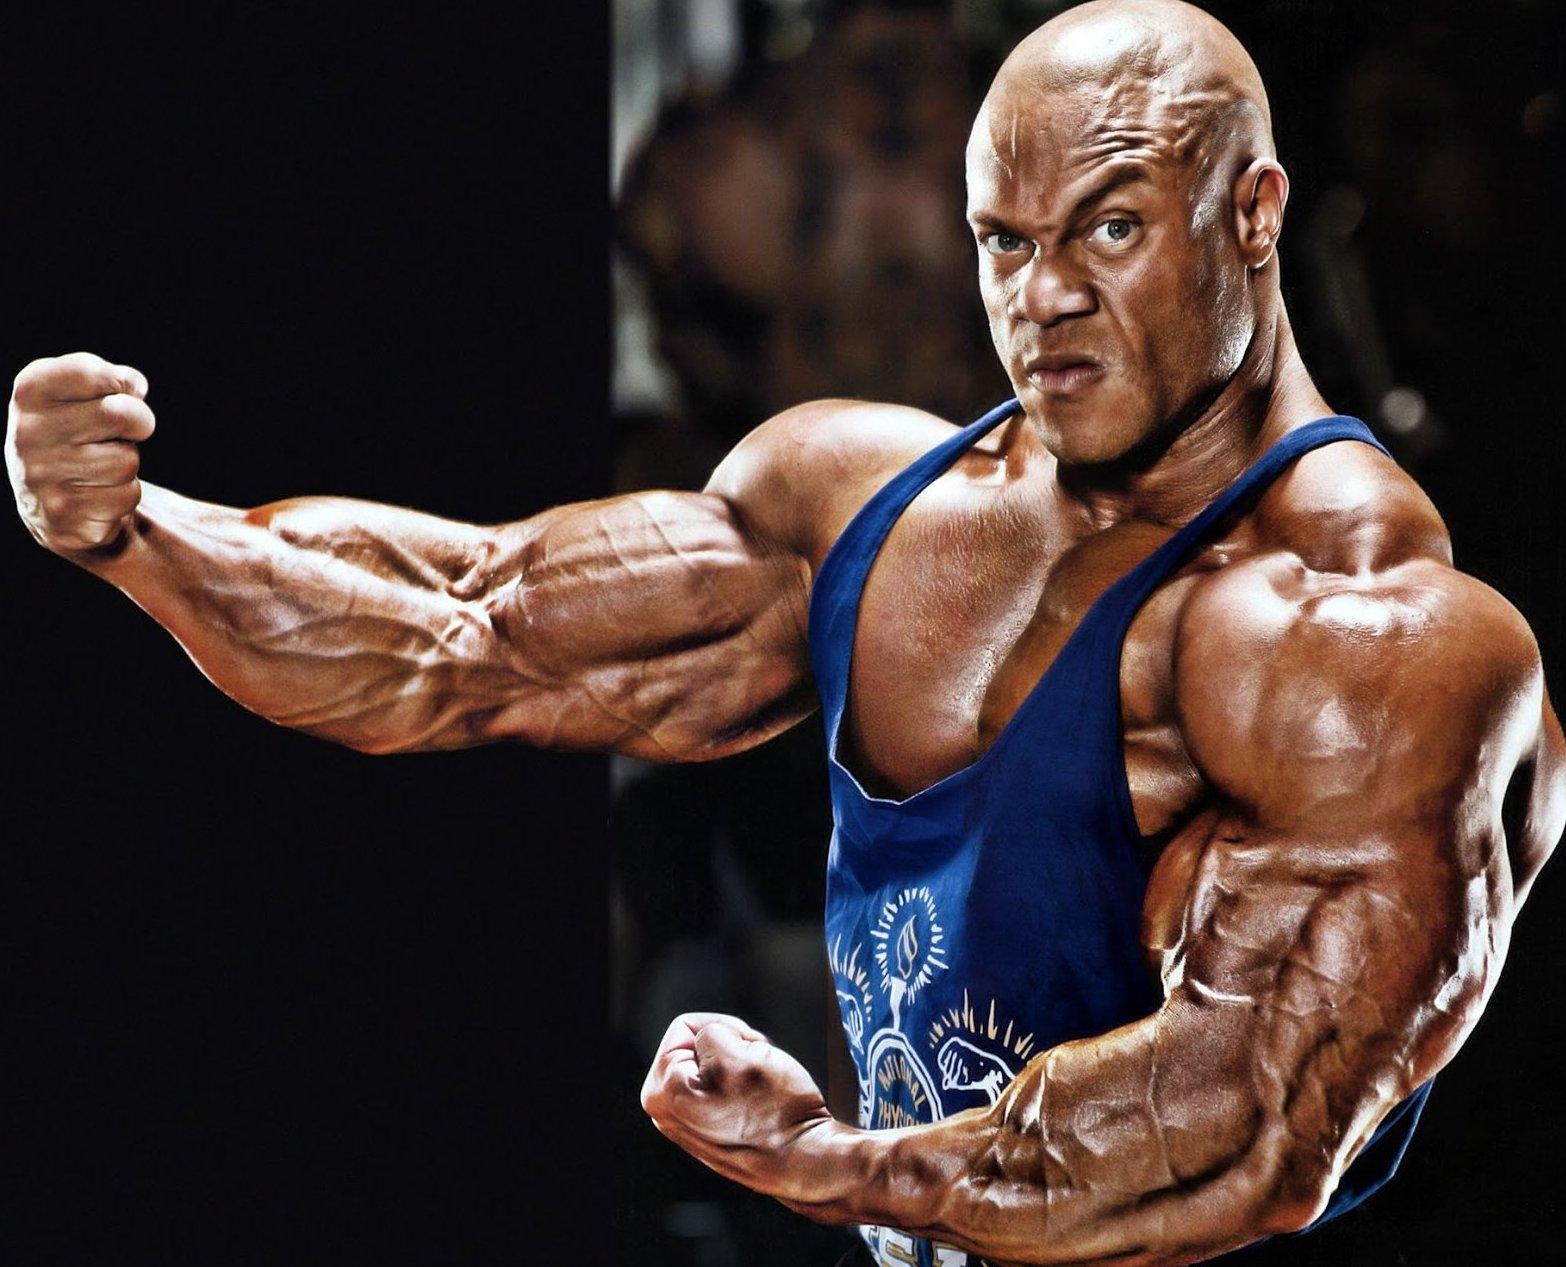 картинки большие мышцы современные